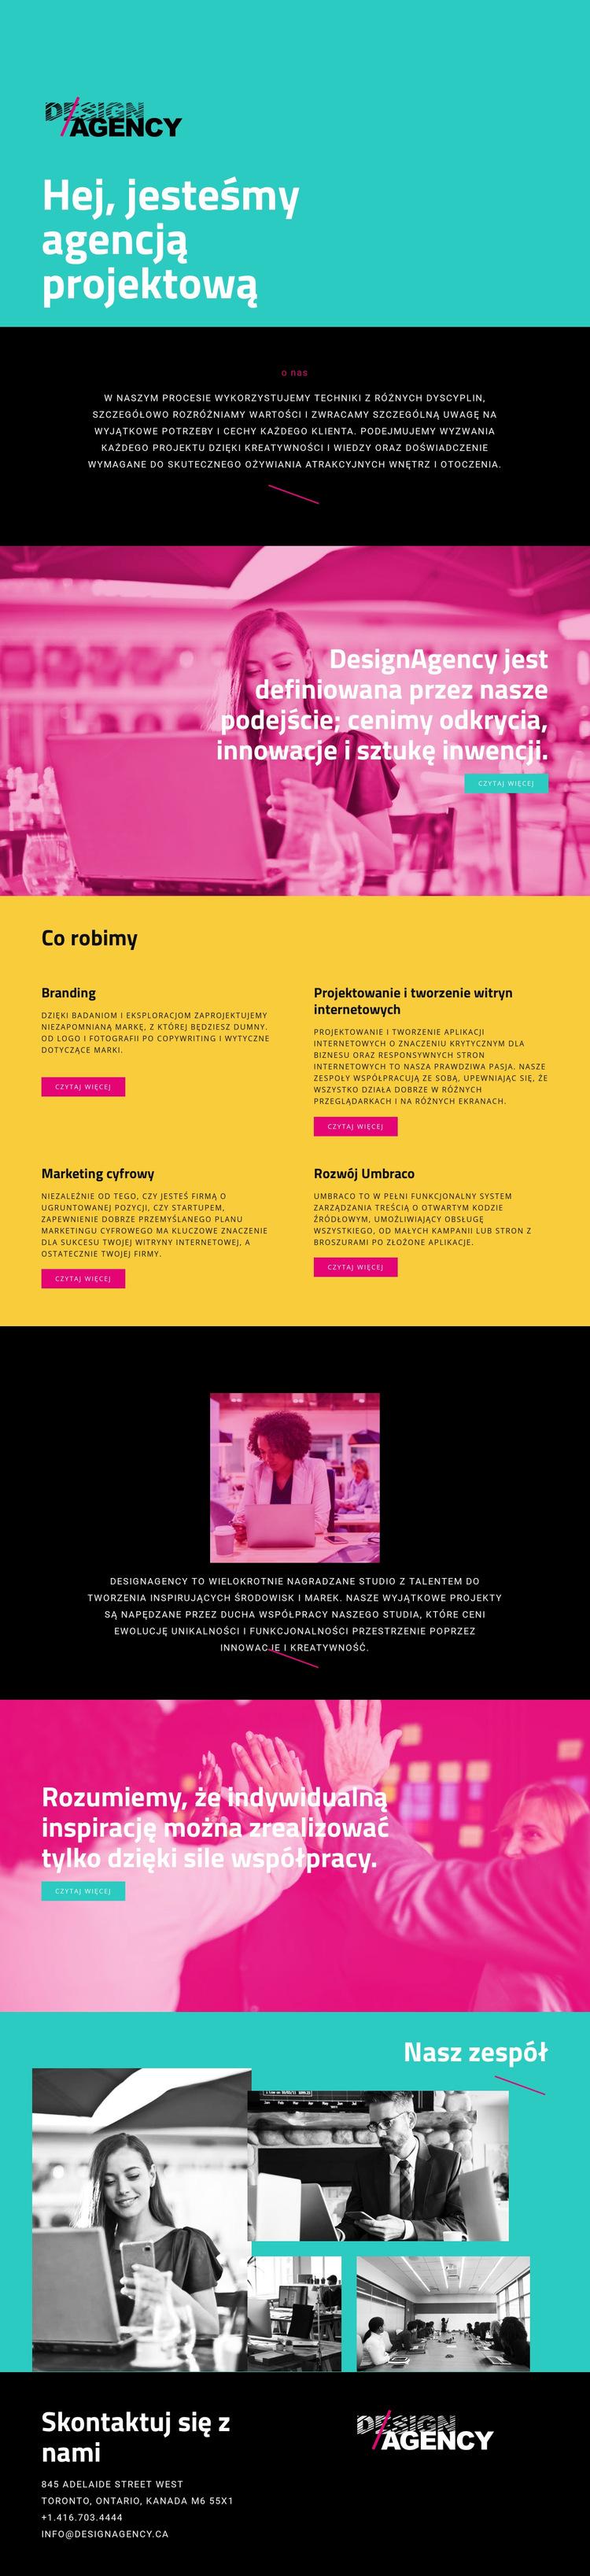 Witam, jesteśmy agencją projektową Szablon witryny sieci Web